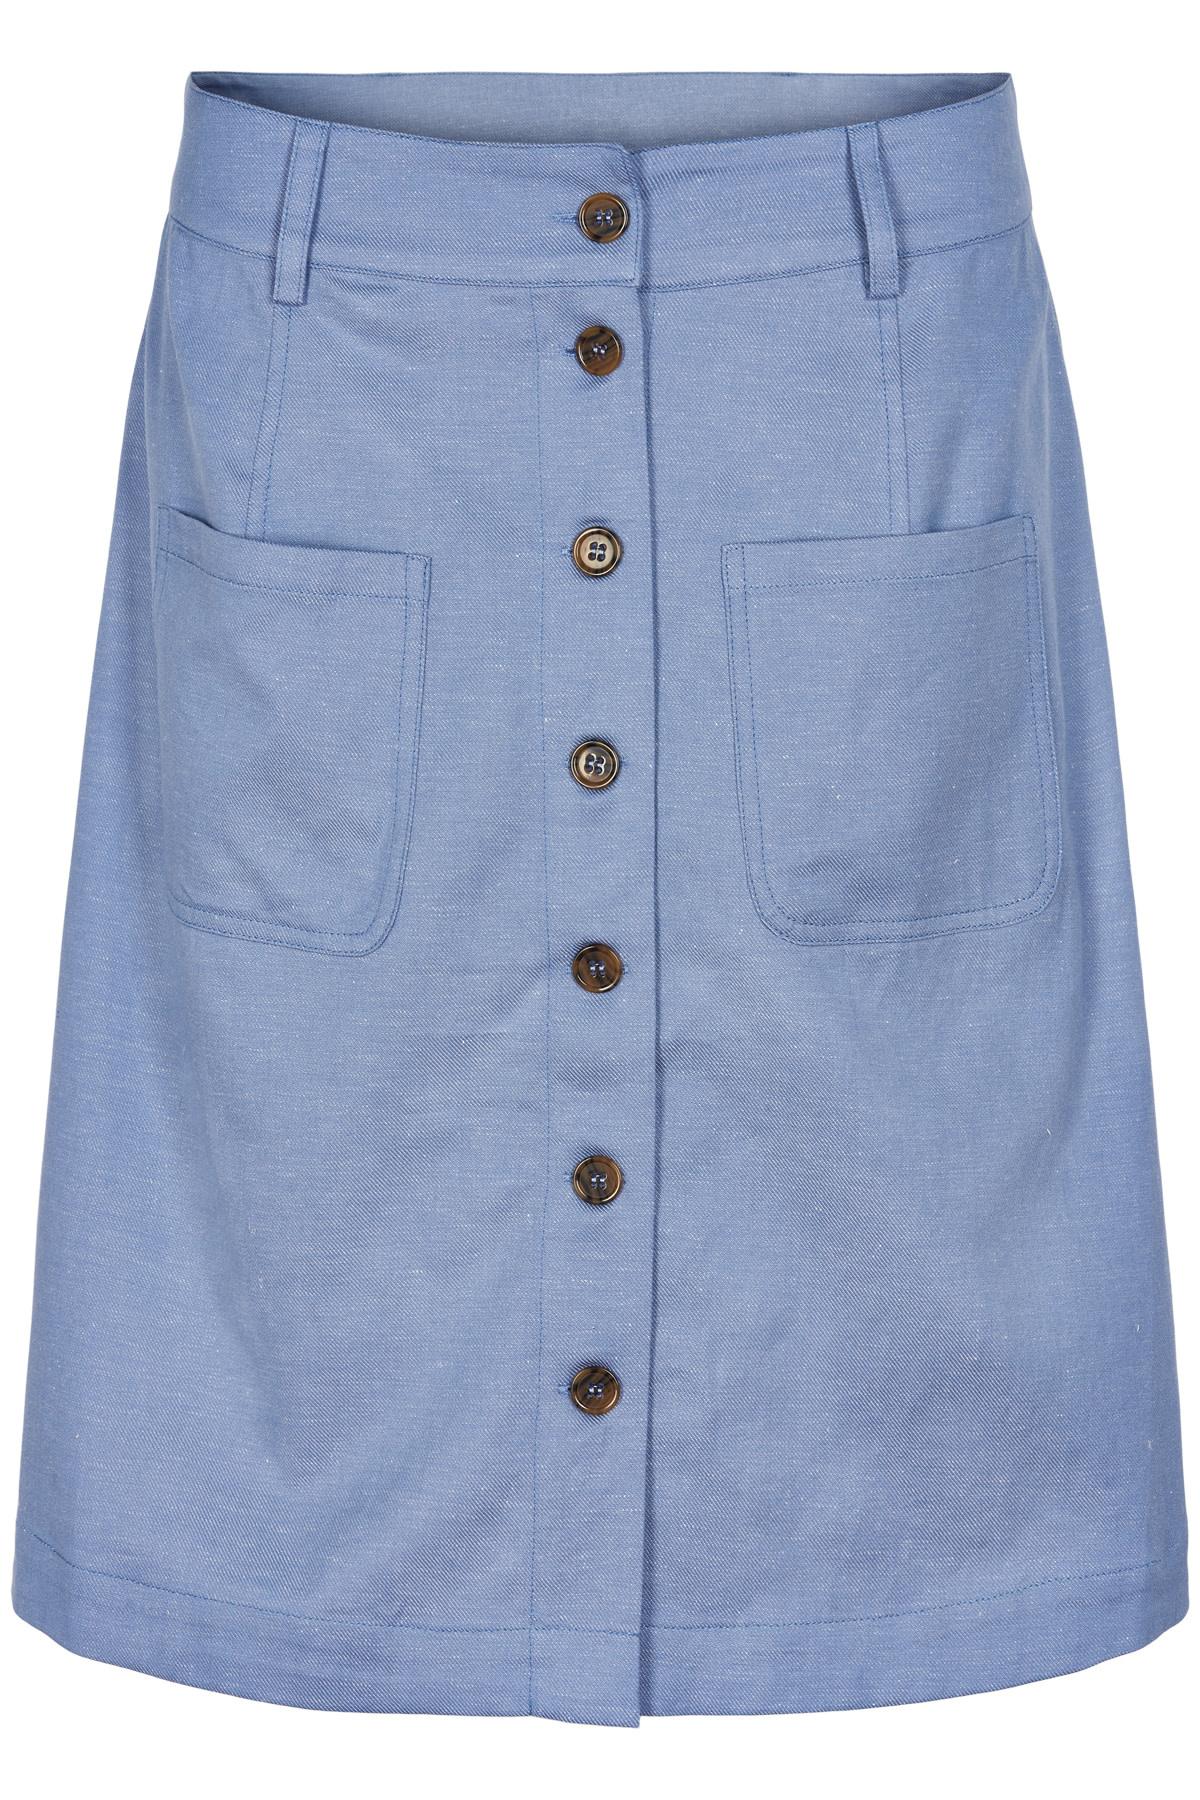 Nümph Belladonna Skirt